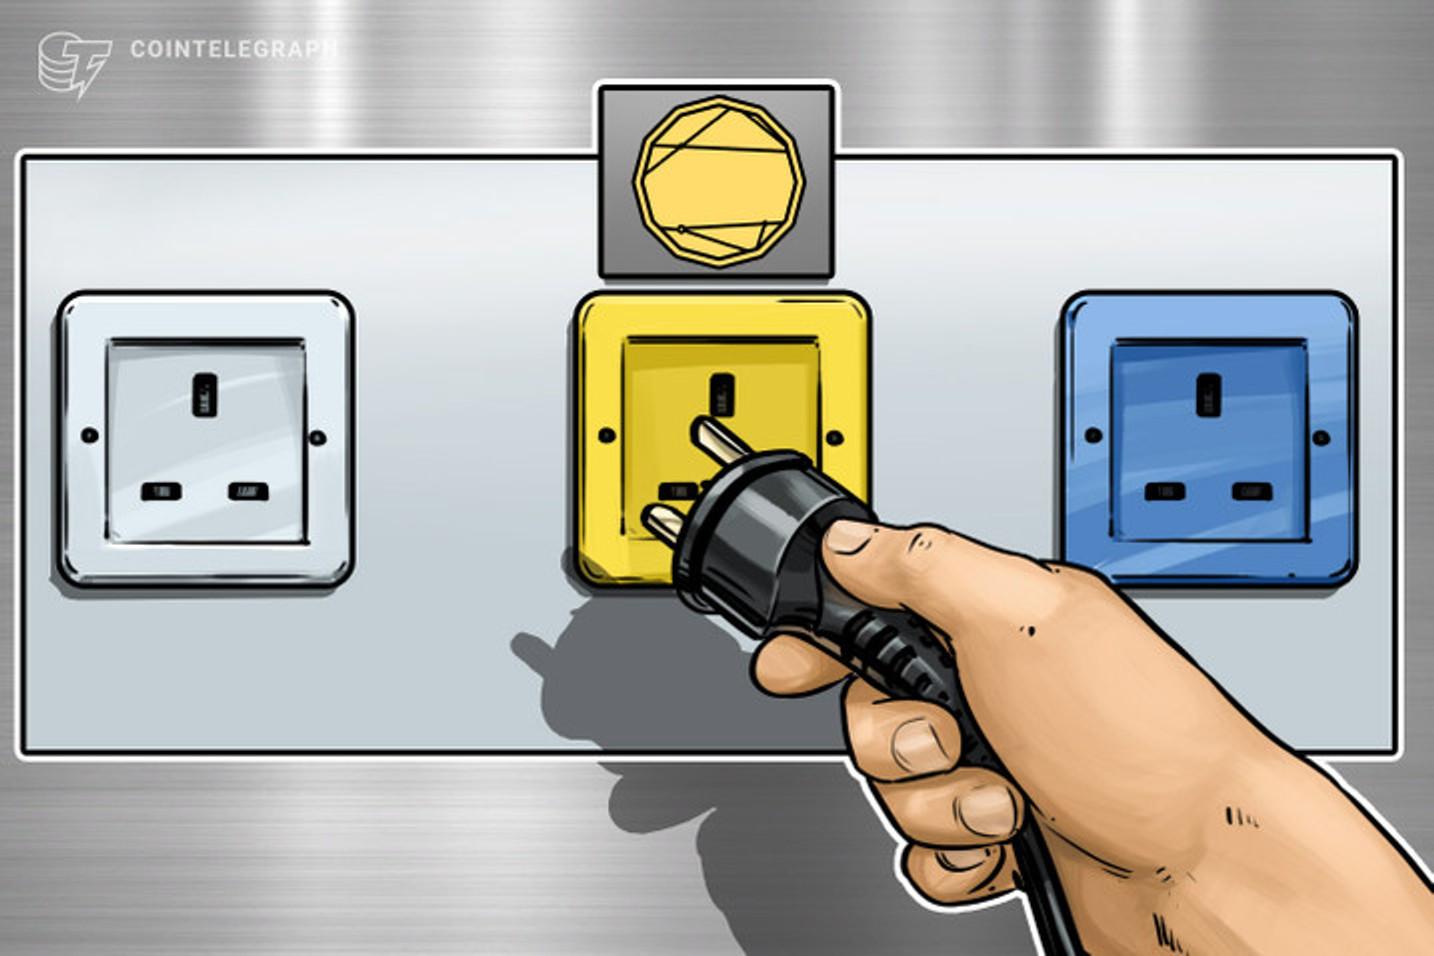 İran, madencilik kaynaklı tüketim artışı nedeniyle elektrik ihracatını durdurdu